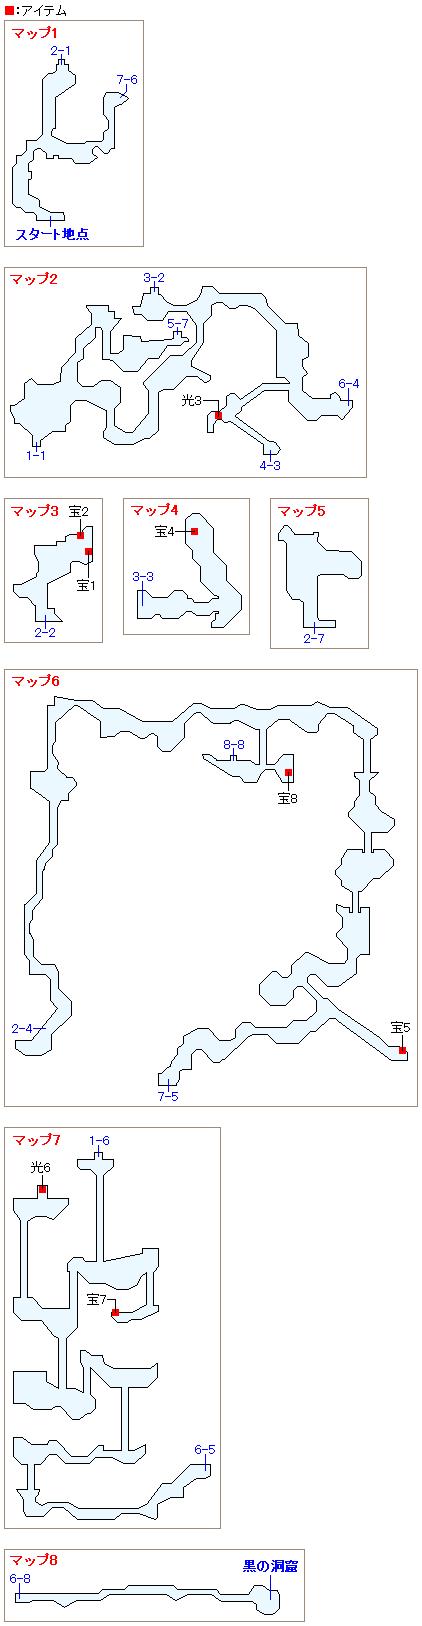 次元のゆがみ・現代(活火山)のマップ画像